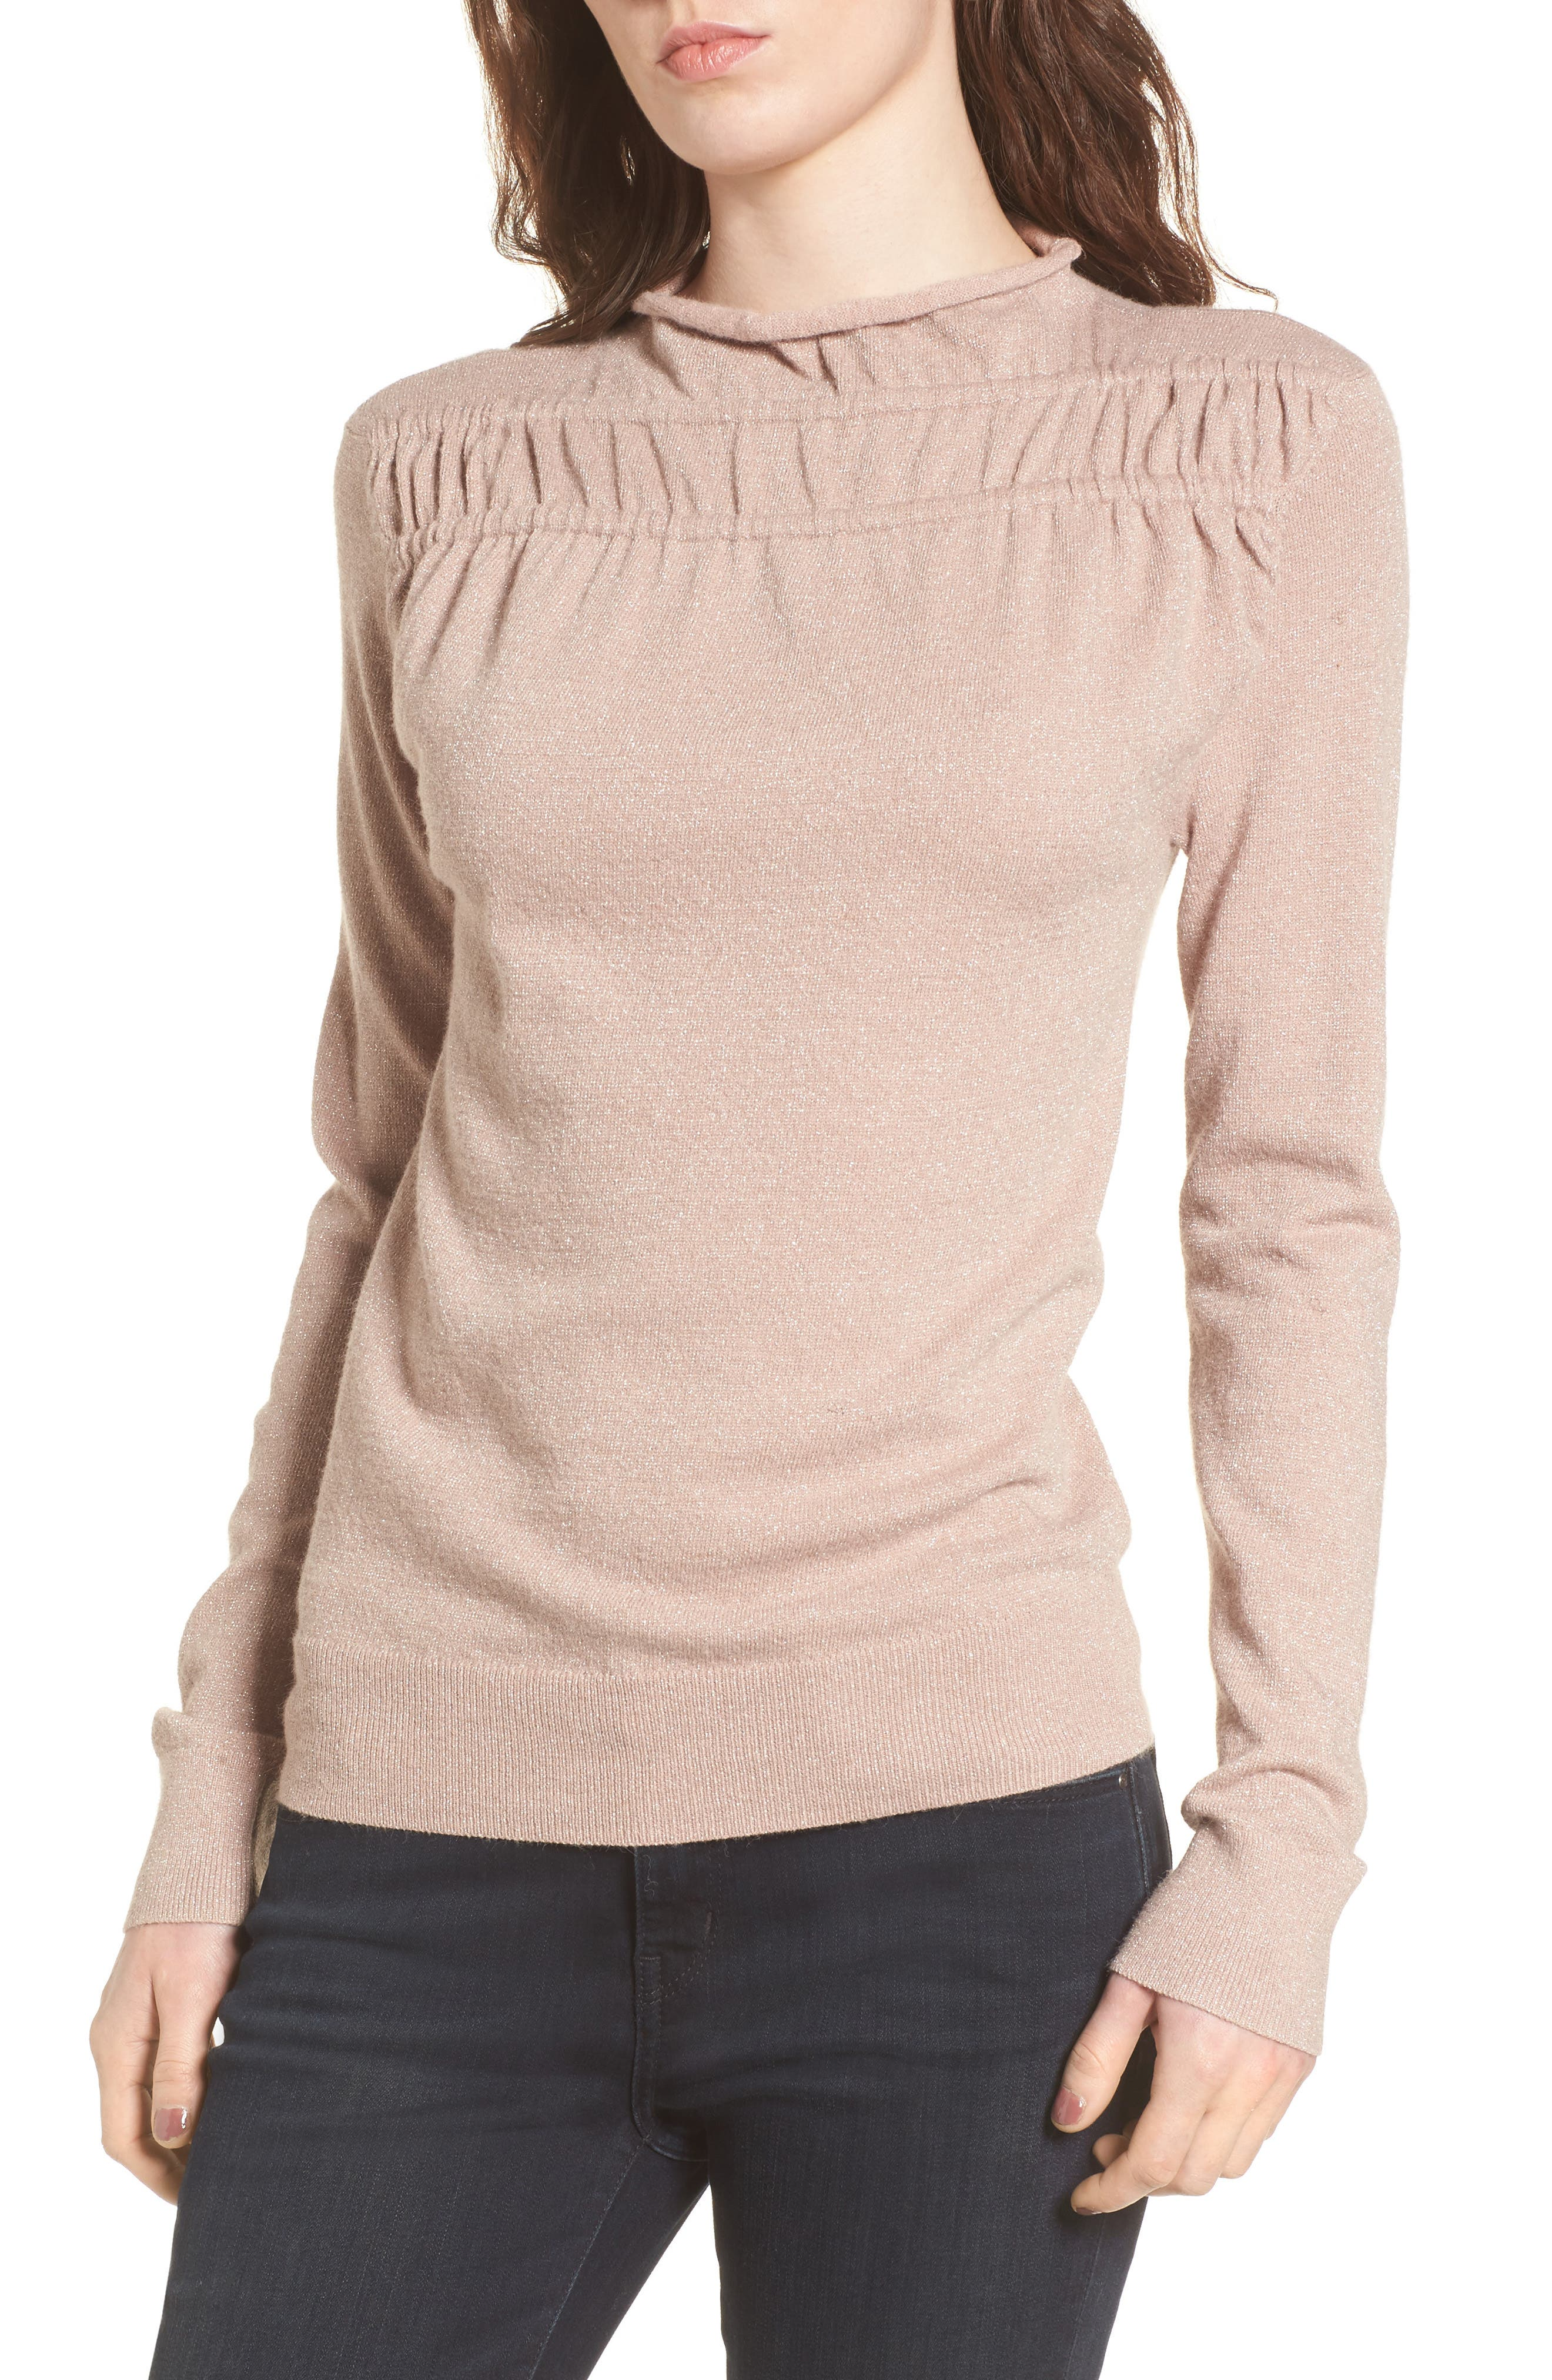 Main Image - Hinge Gathered Sweater